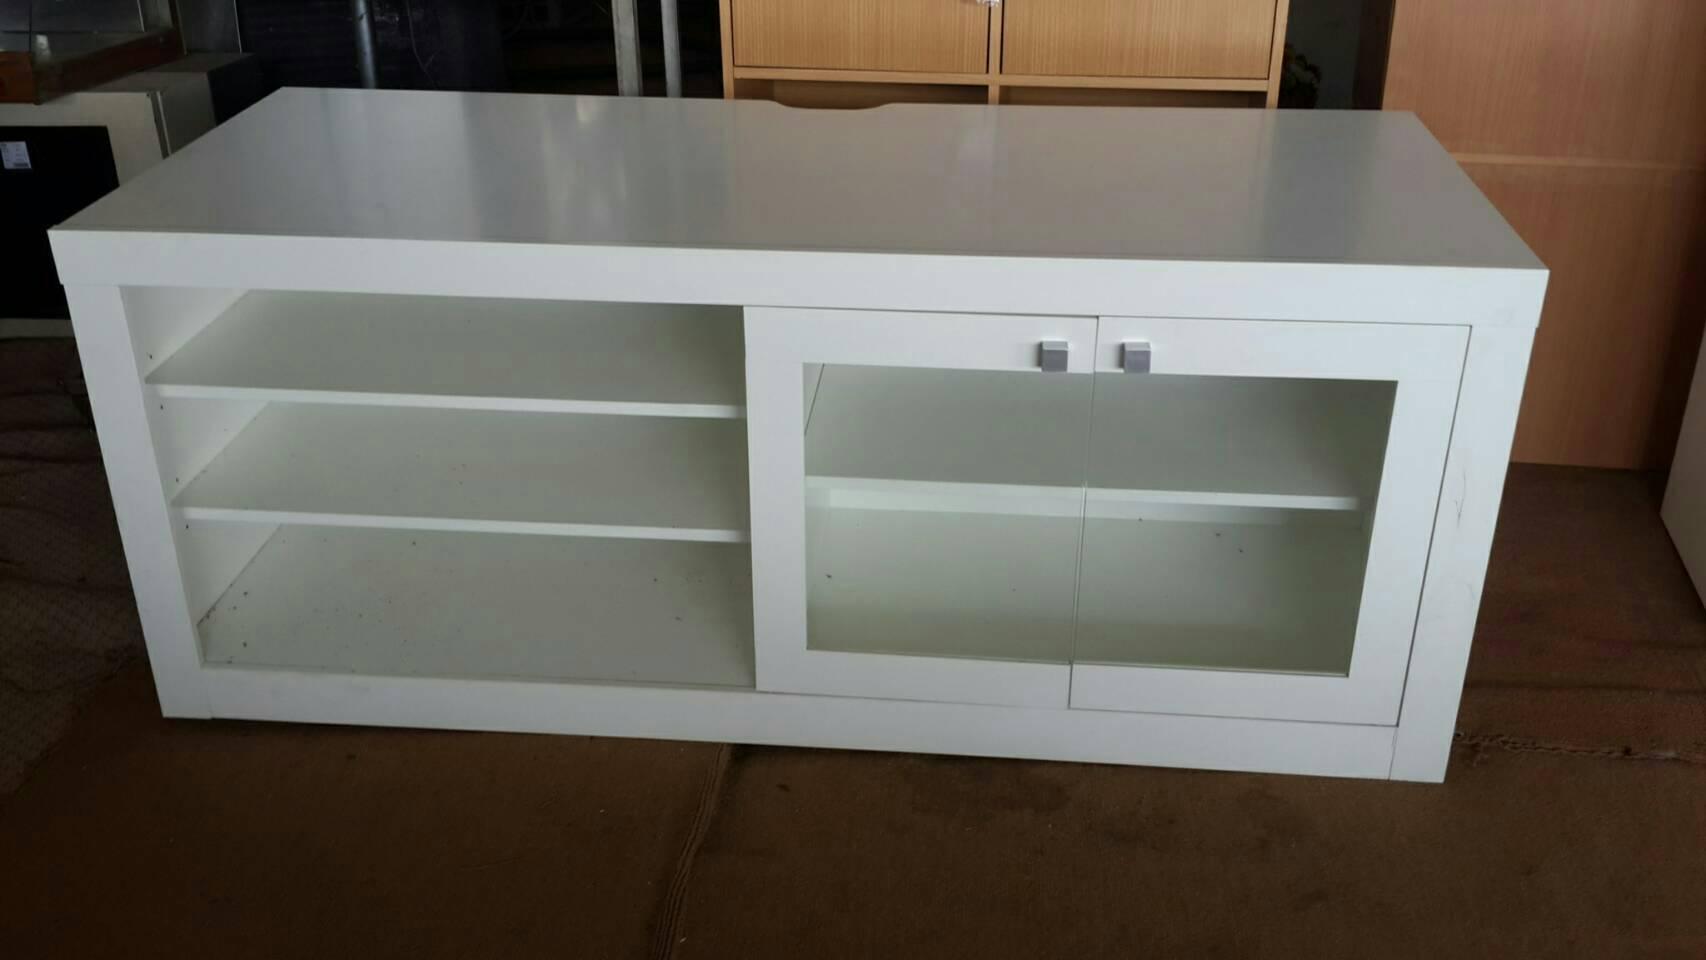 ตู้วางทีวี สีขาว